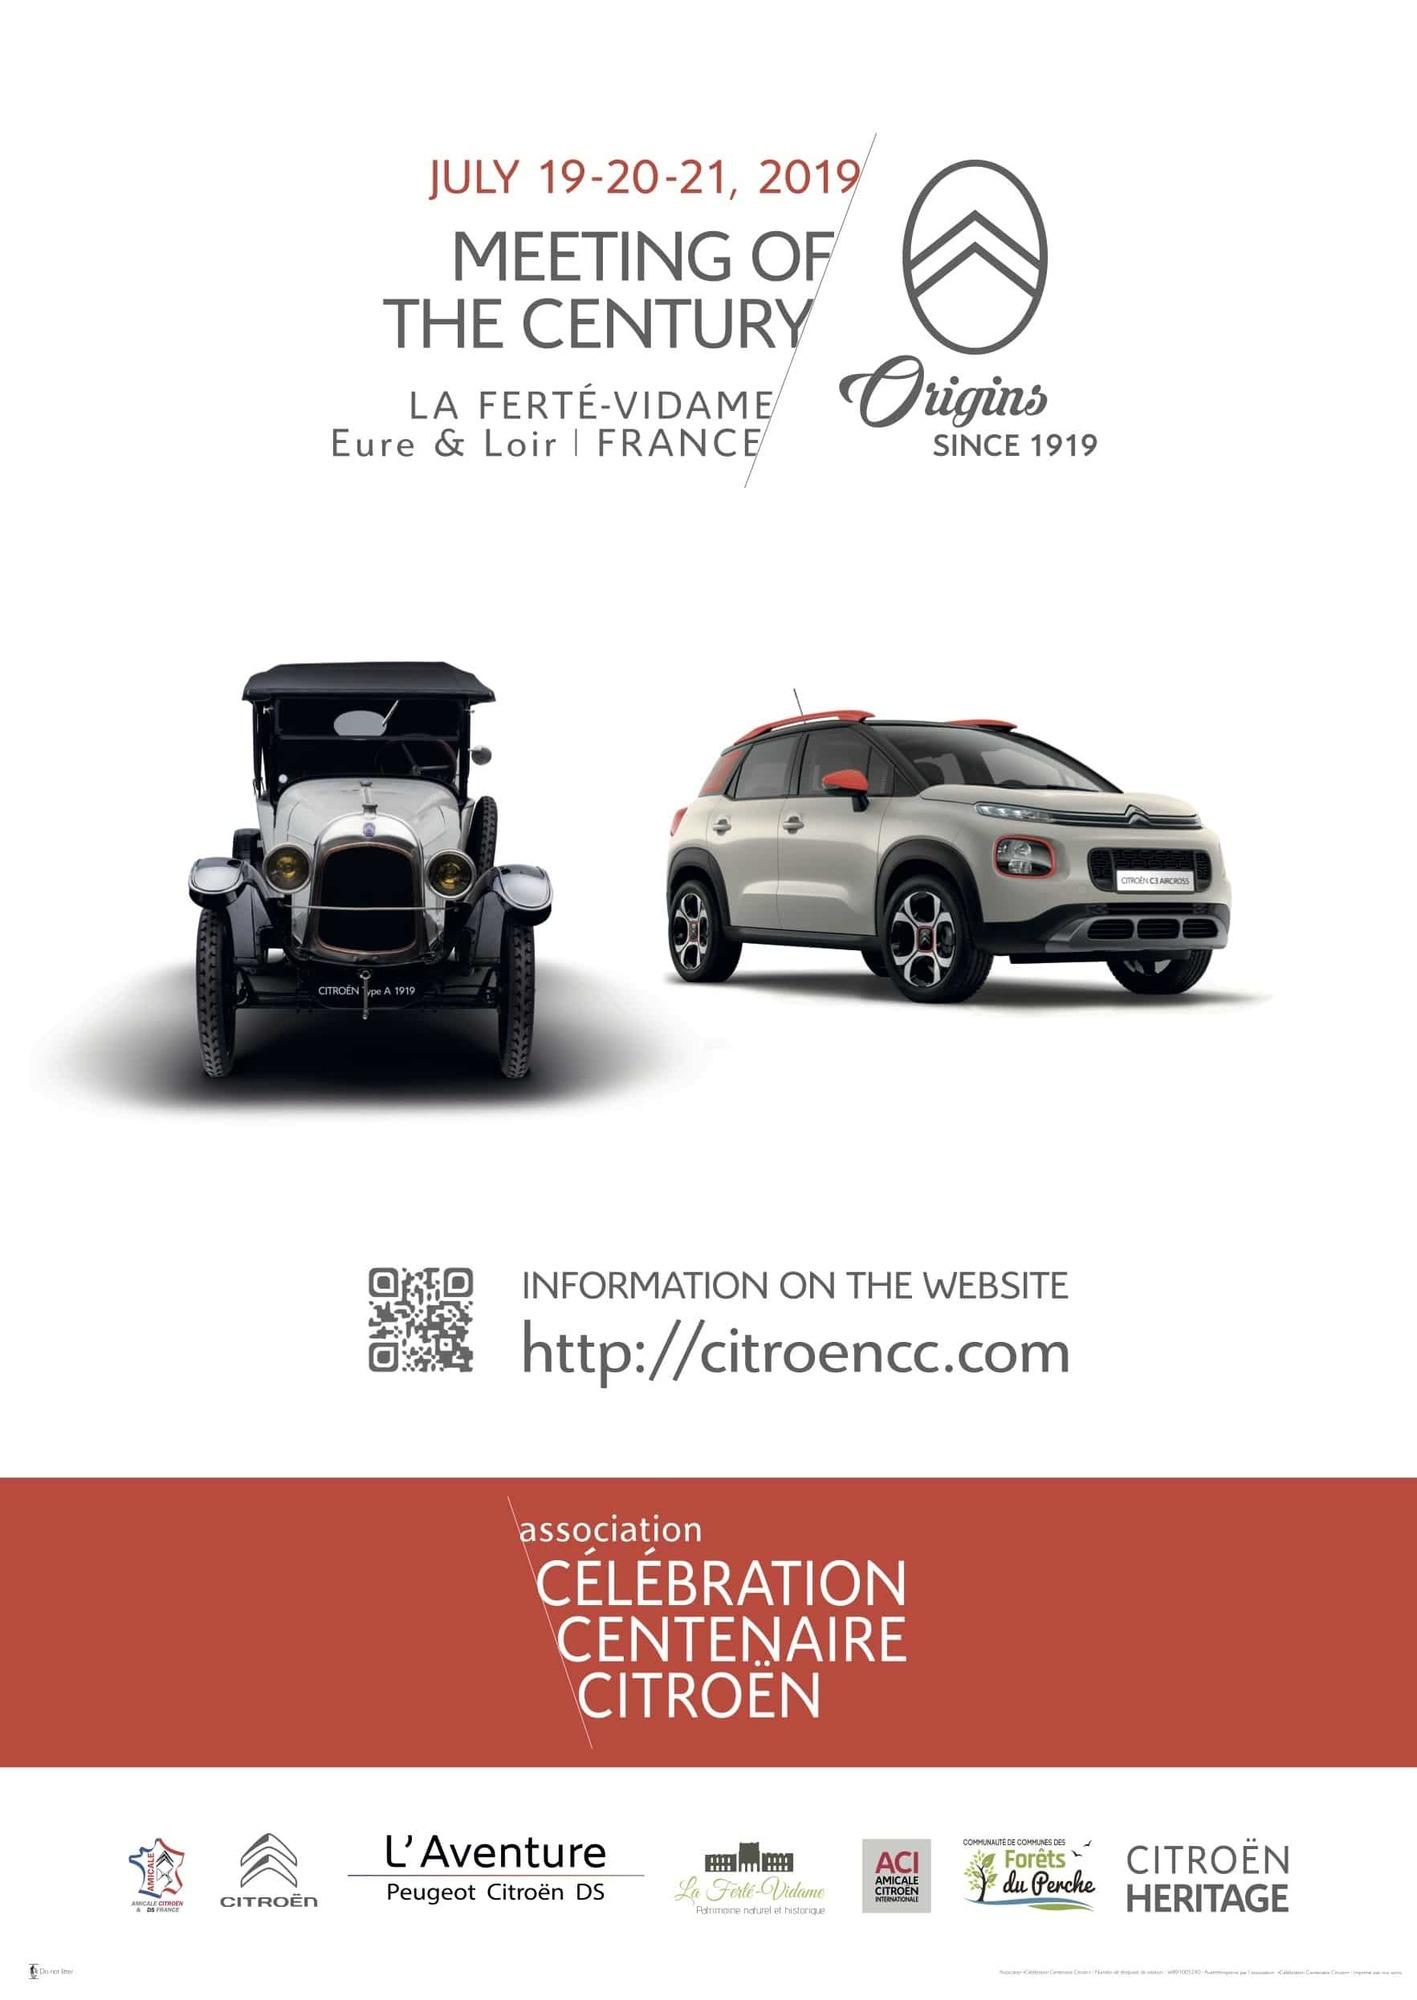 Célébration Centenaire Citroën – Rassemblement du siècle à LA FERTE-VIDAME © citroen